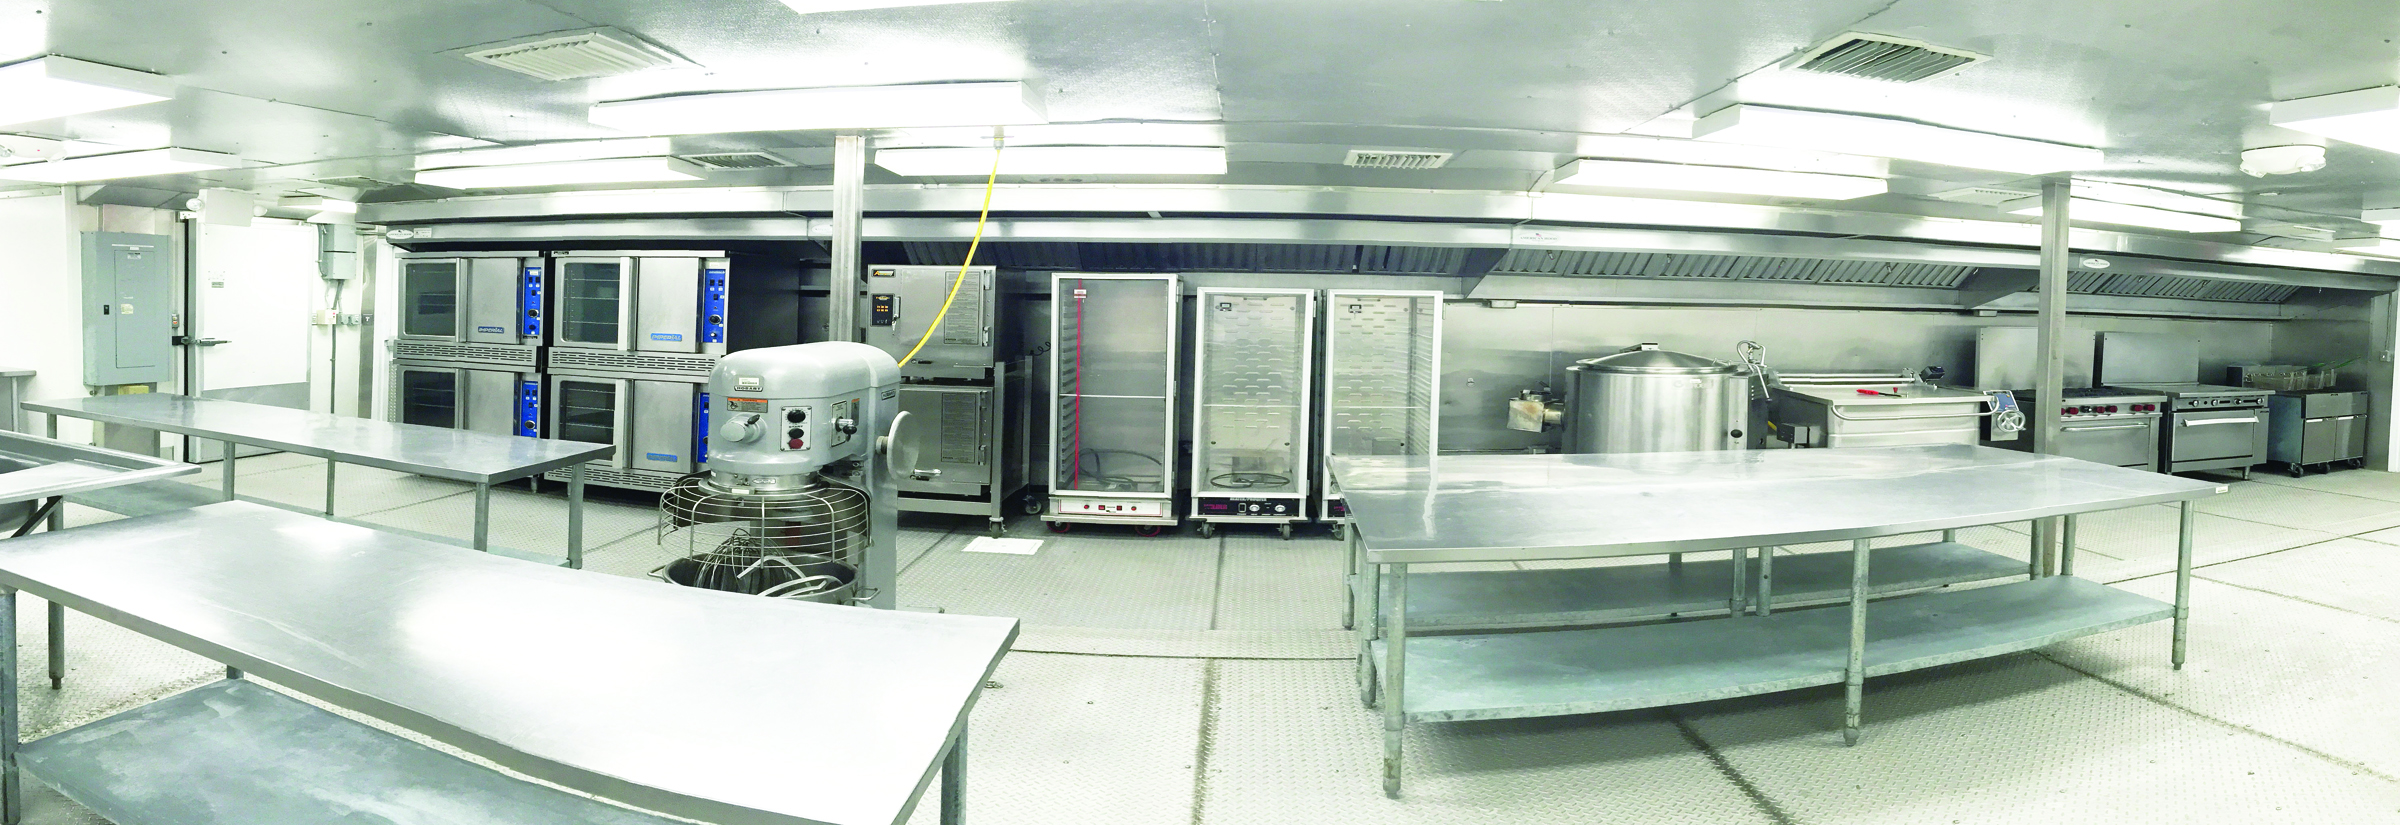 Temporary Kitchen Facility